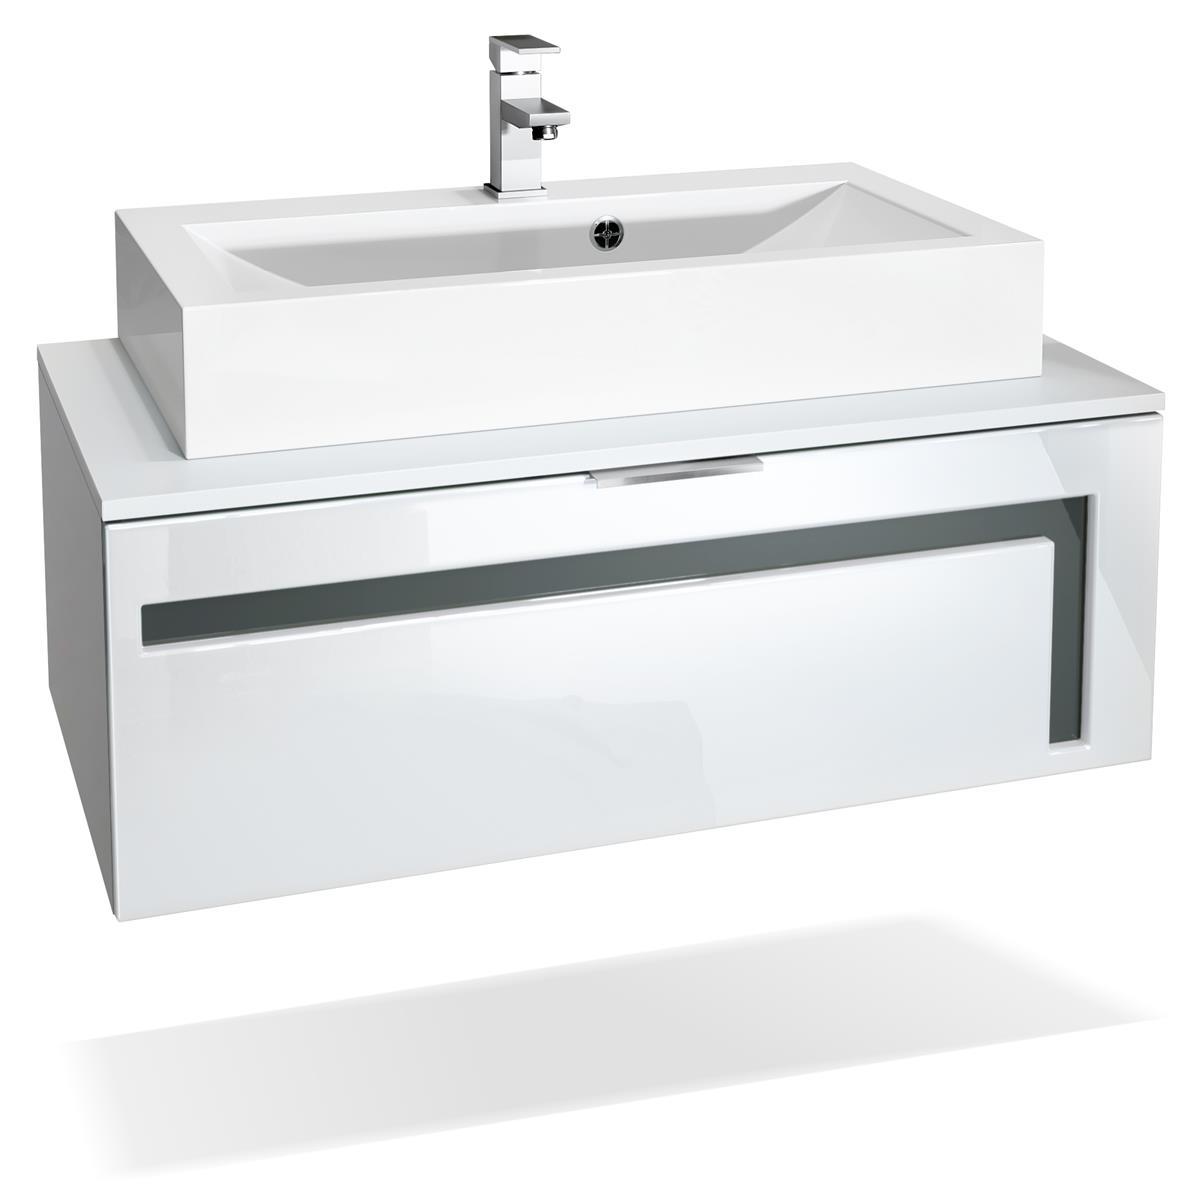 Waschtisch Badezimmer Aloha V2 Breite 96 Cm Vladon Mobel